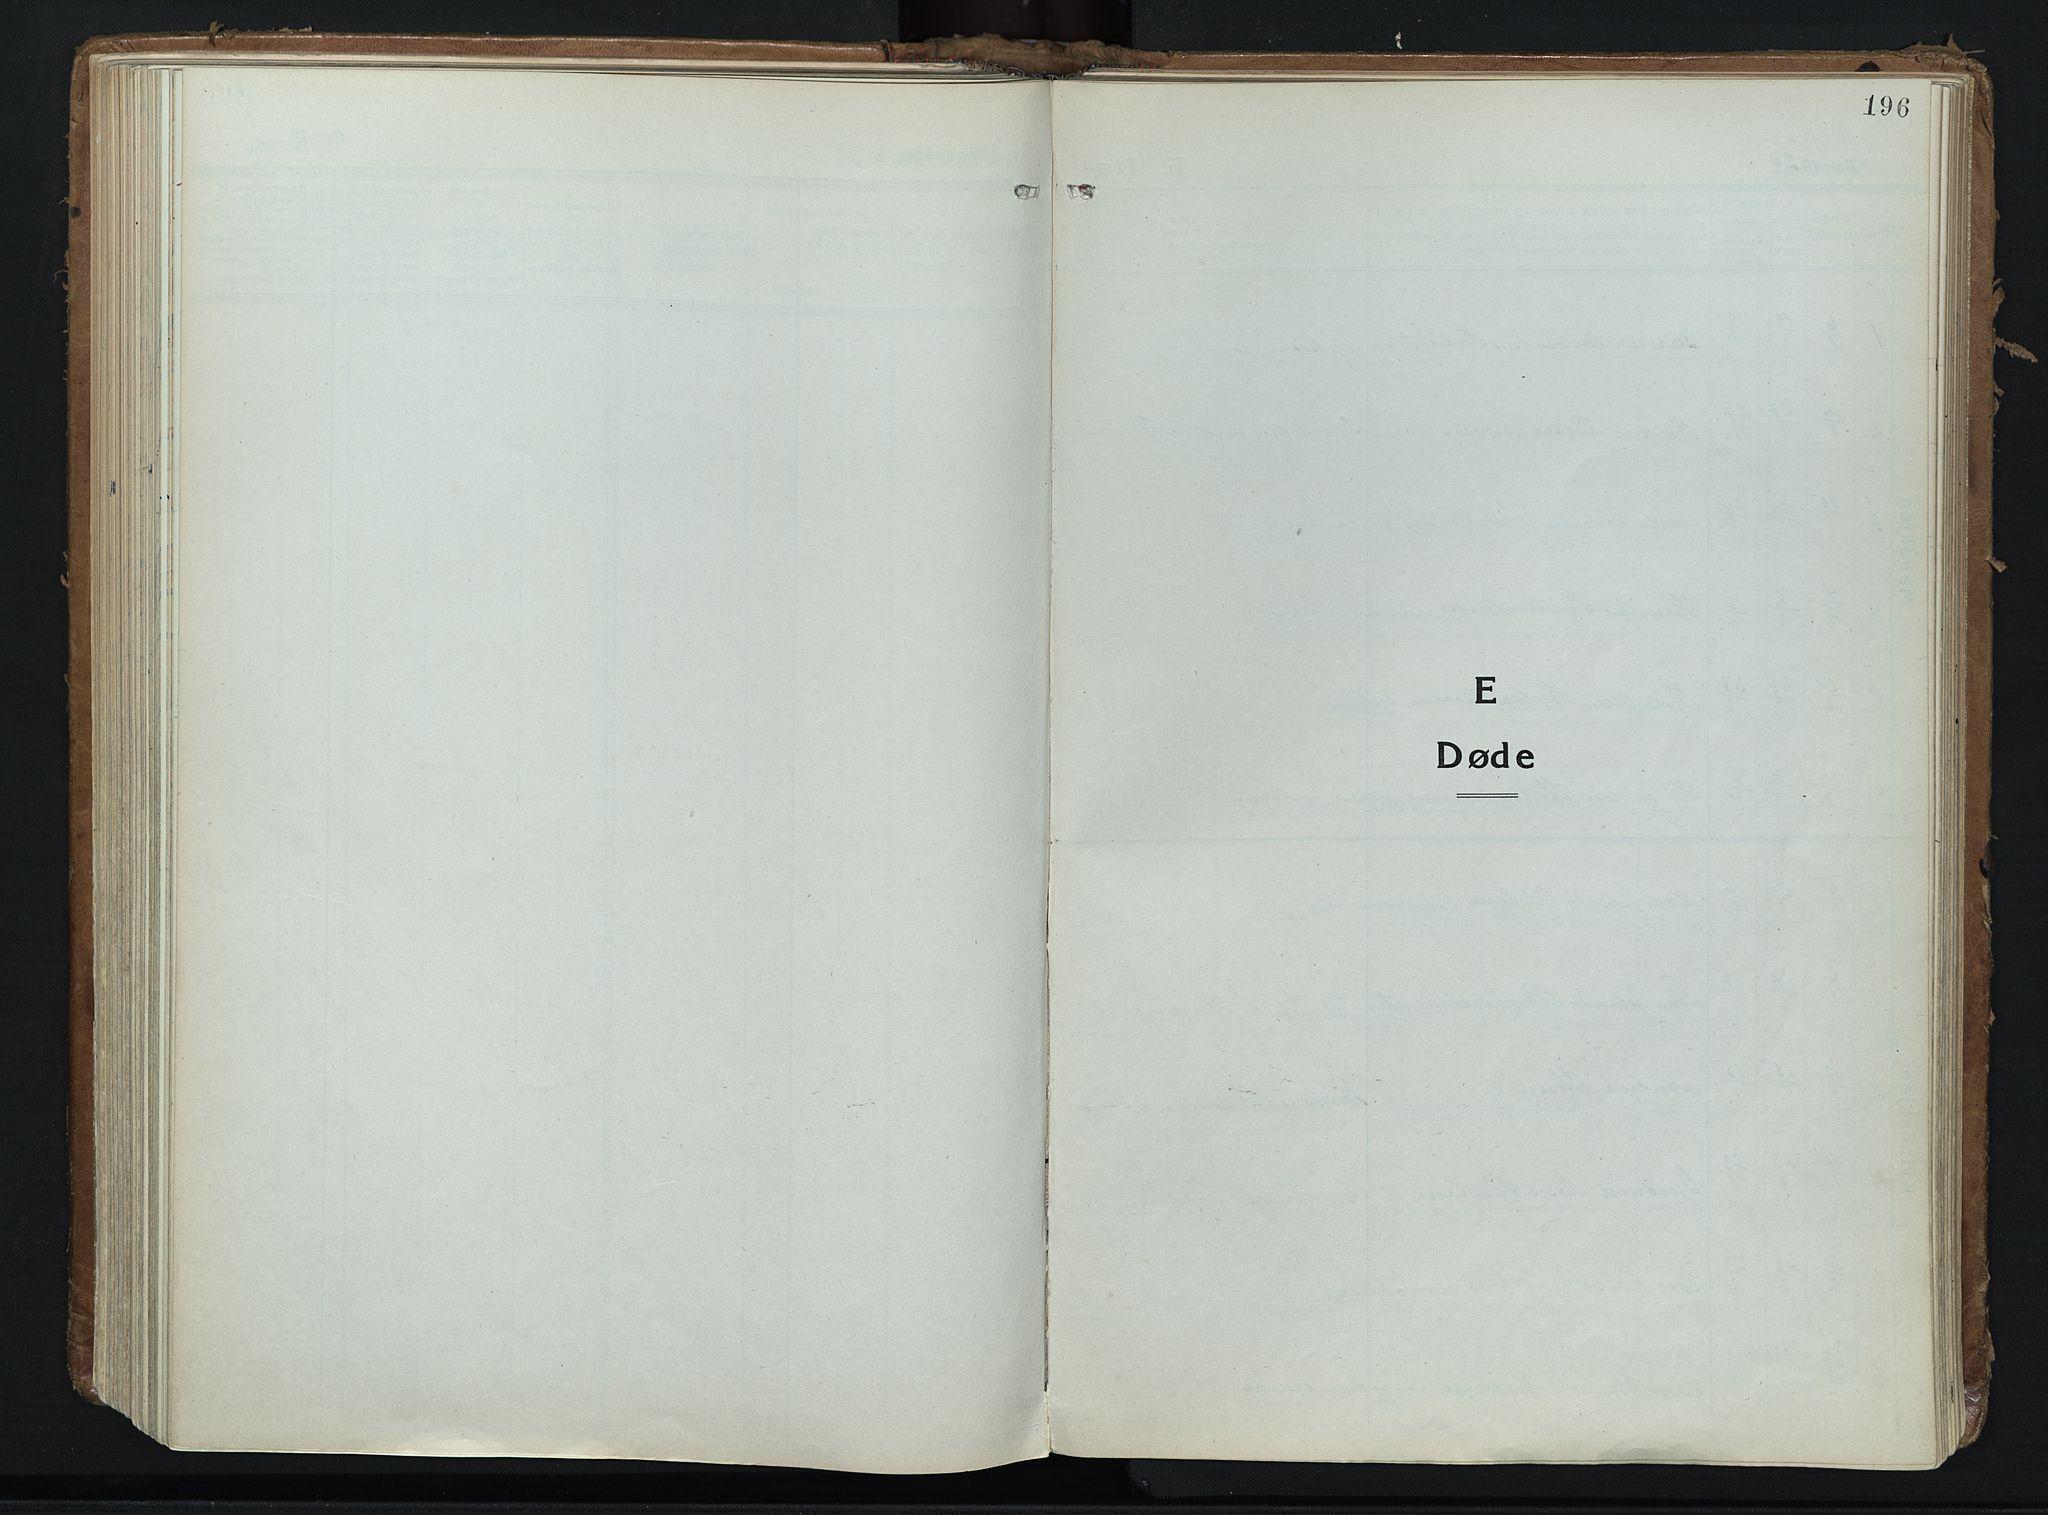 SAH, Alvdal prestekontor, Ministerialbok nr. 6, 1920-1937, s. 196